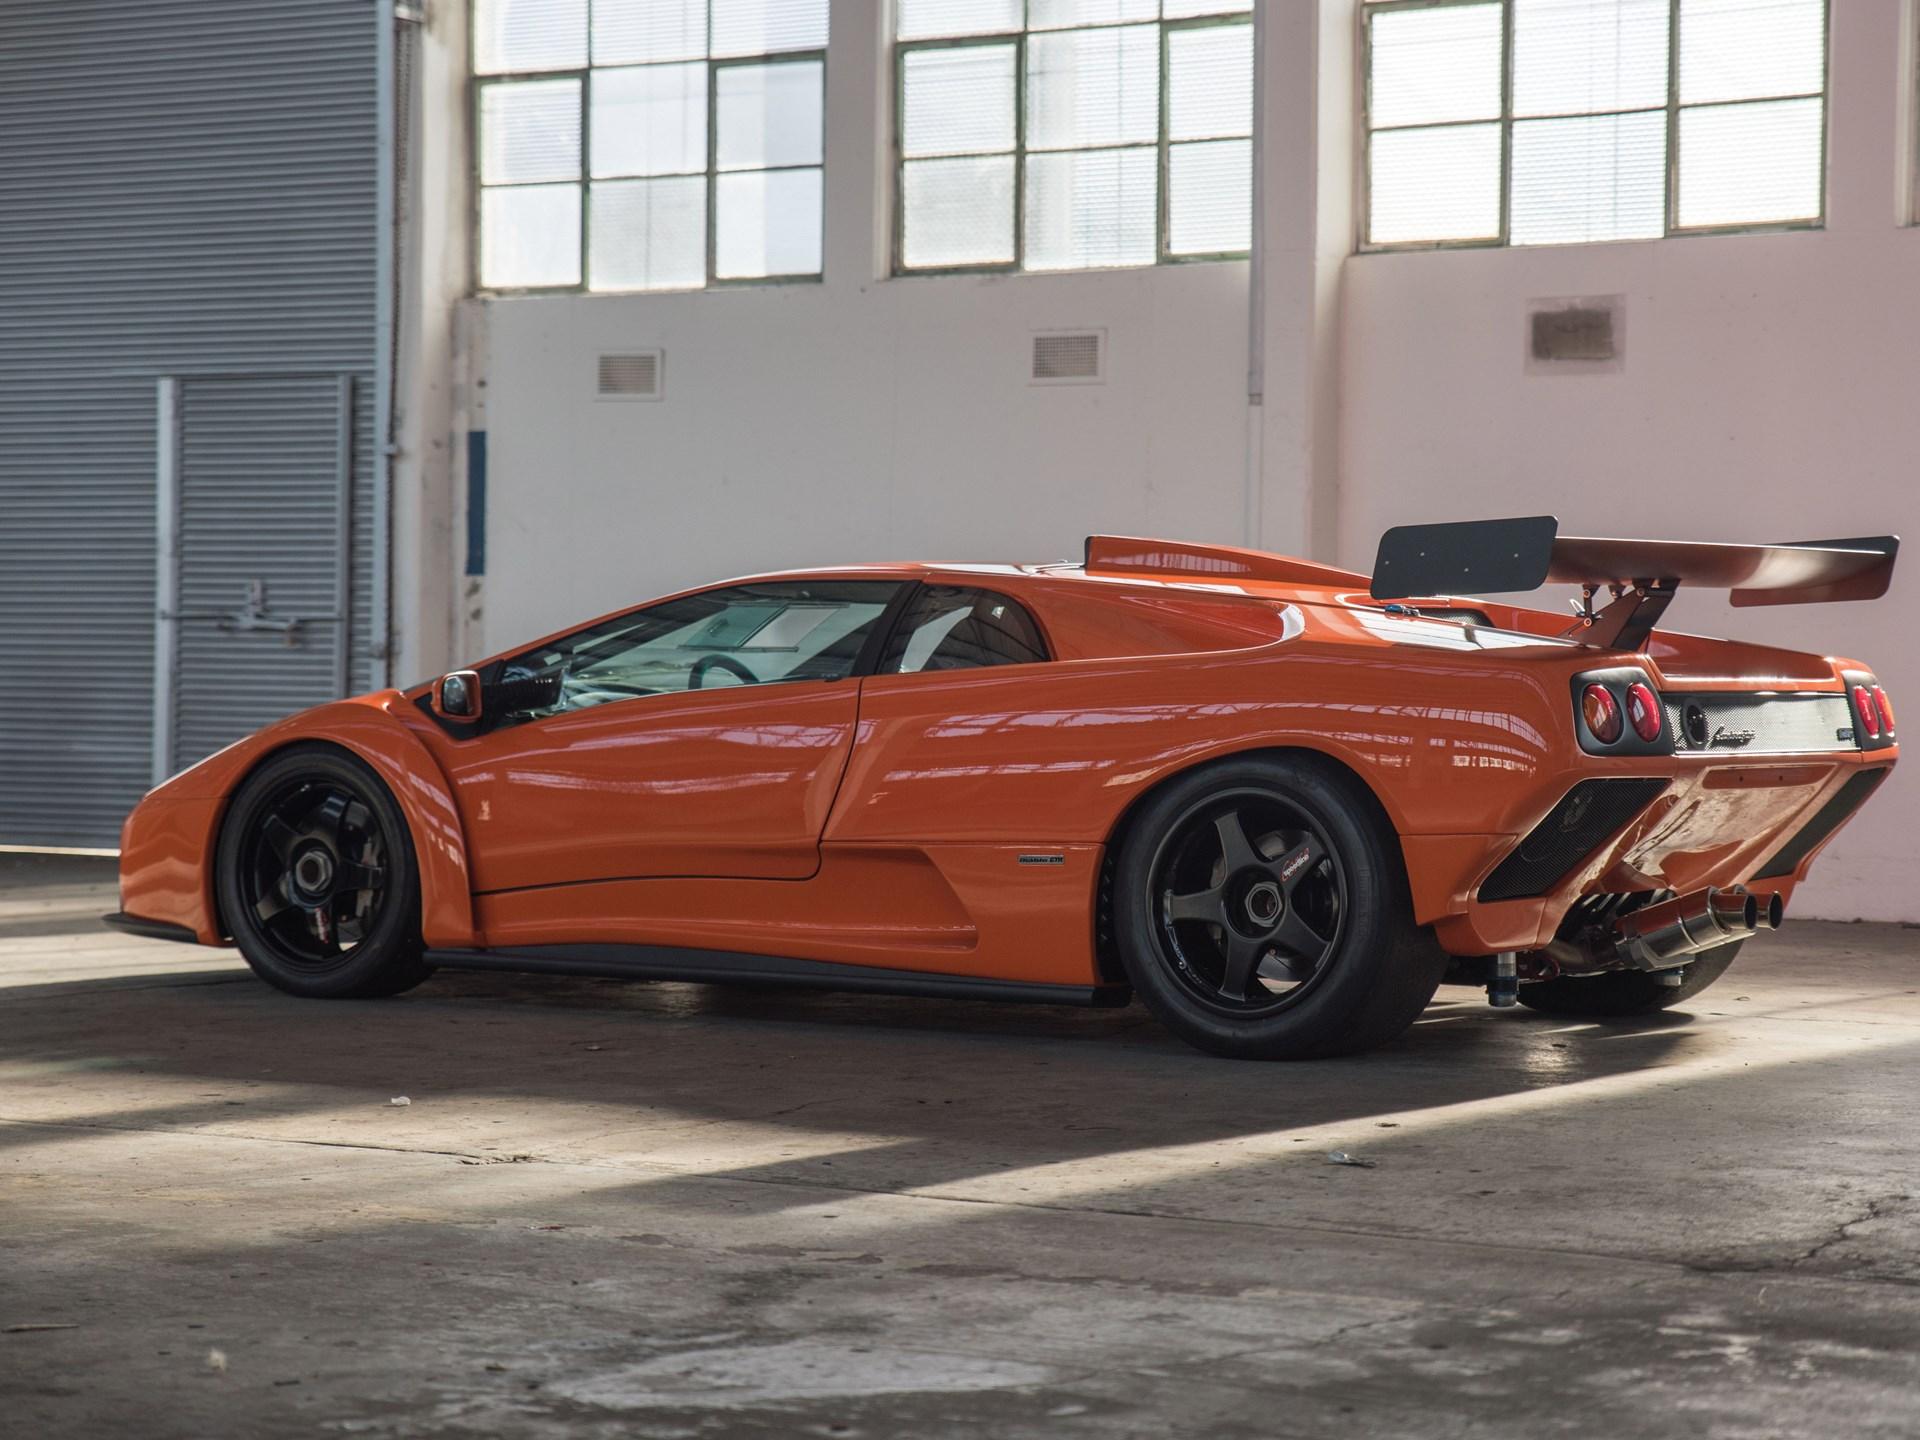 Superb 2000 Lamborghini Diablo GTR